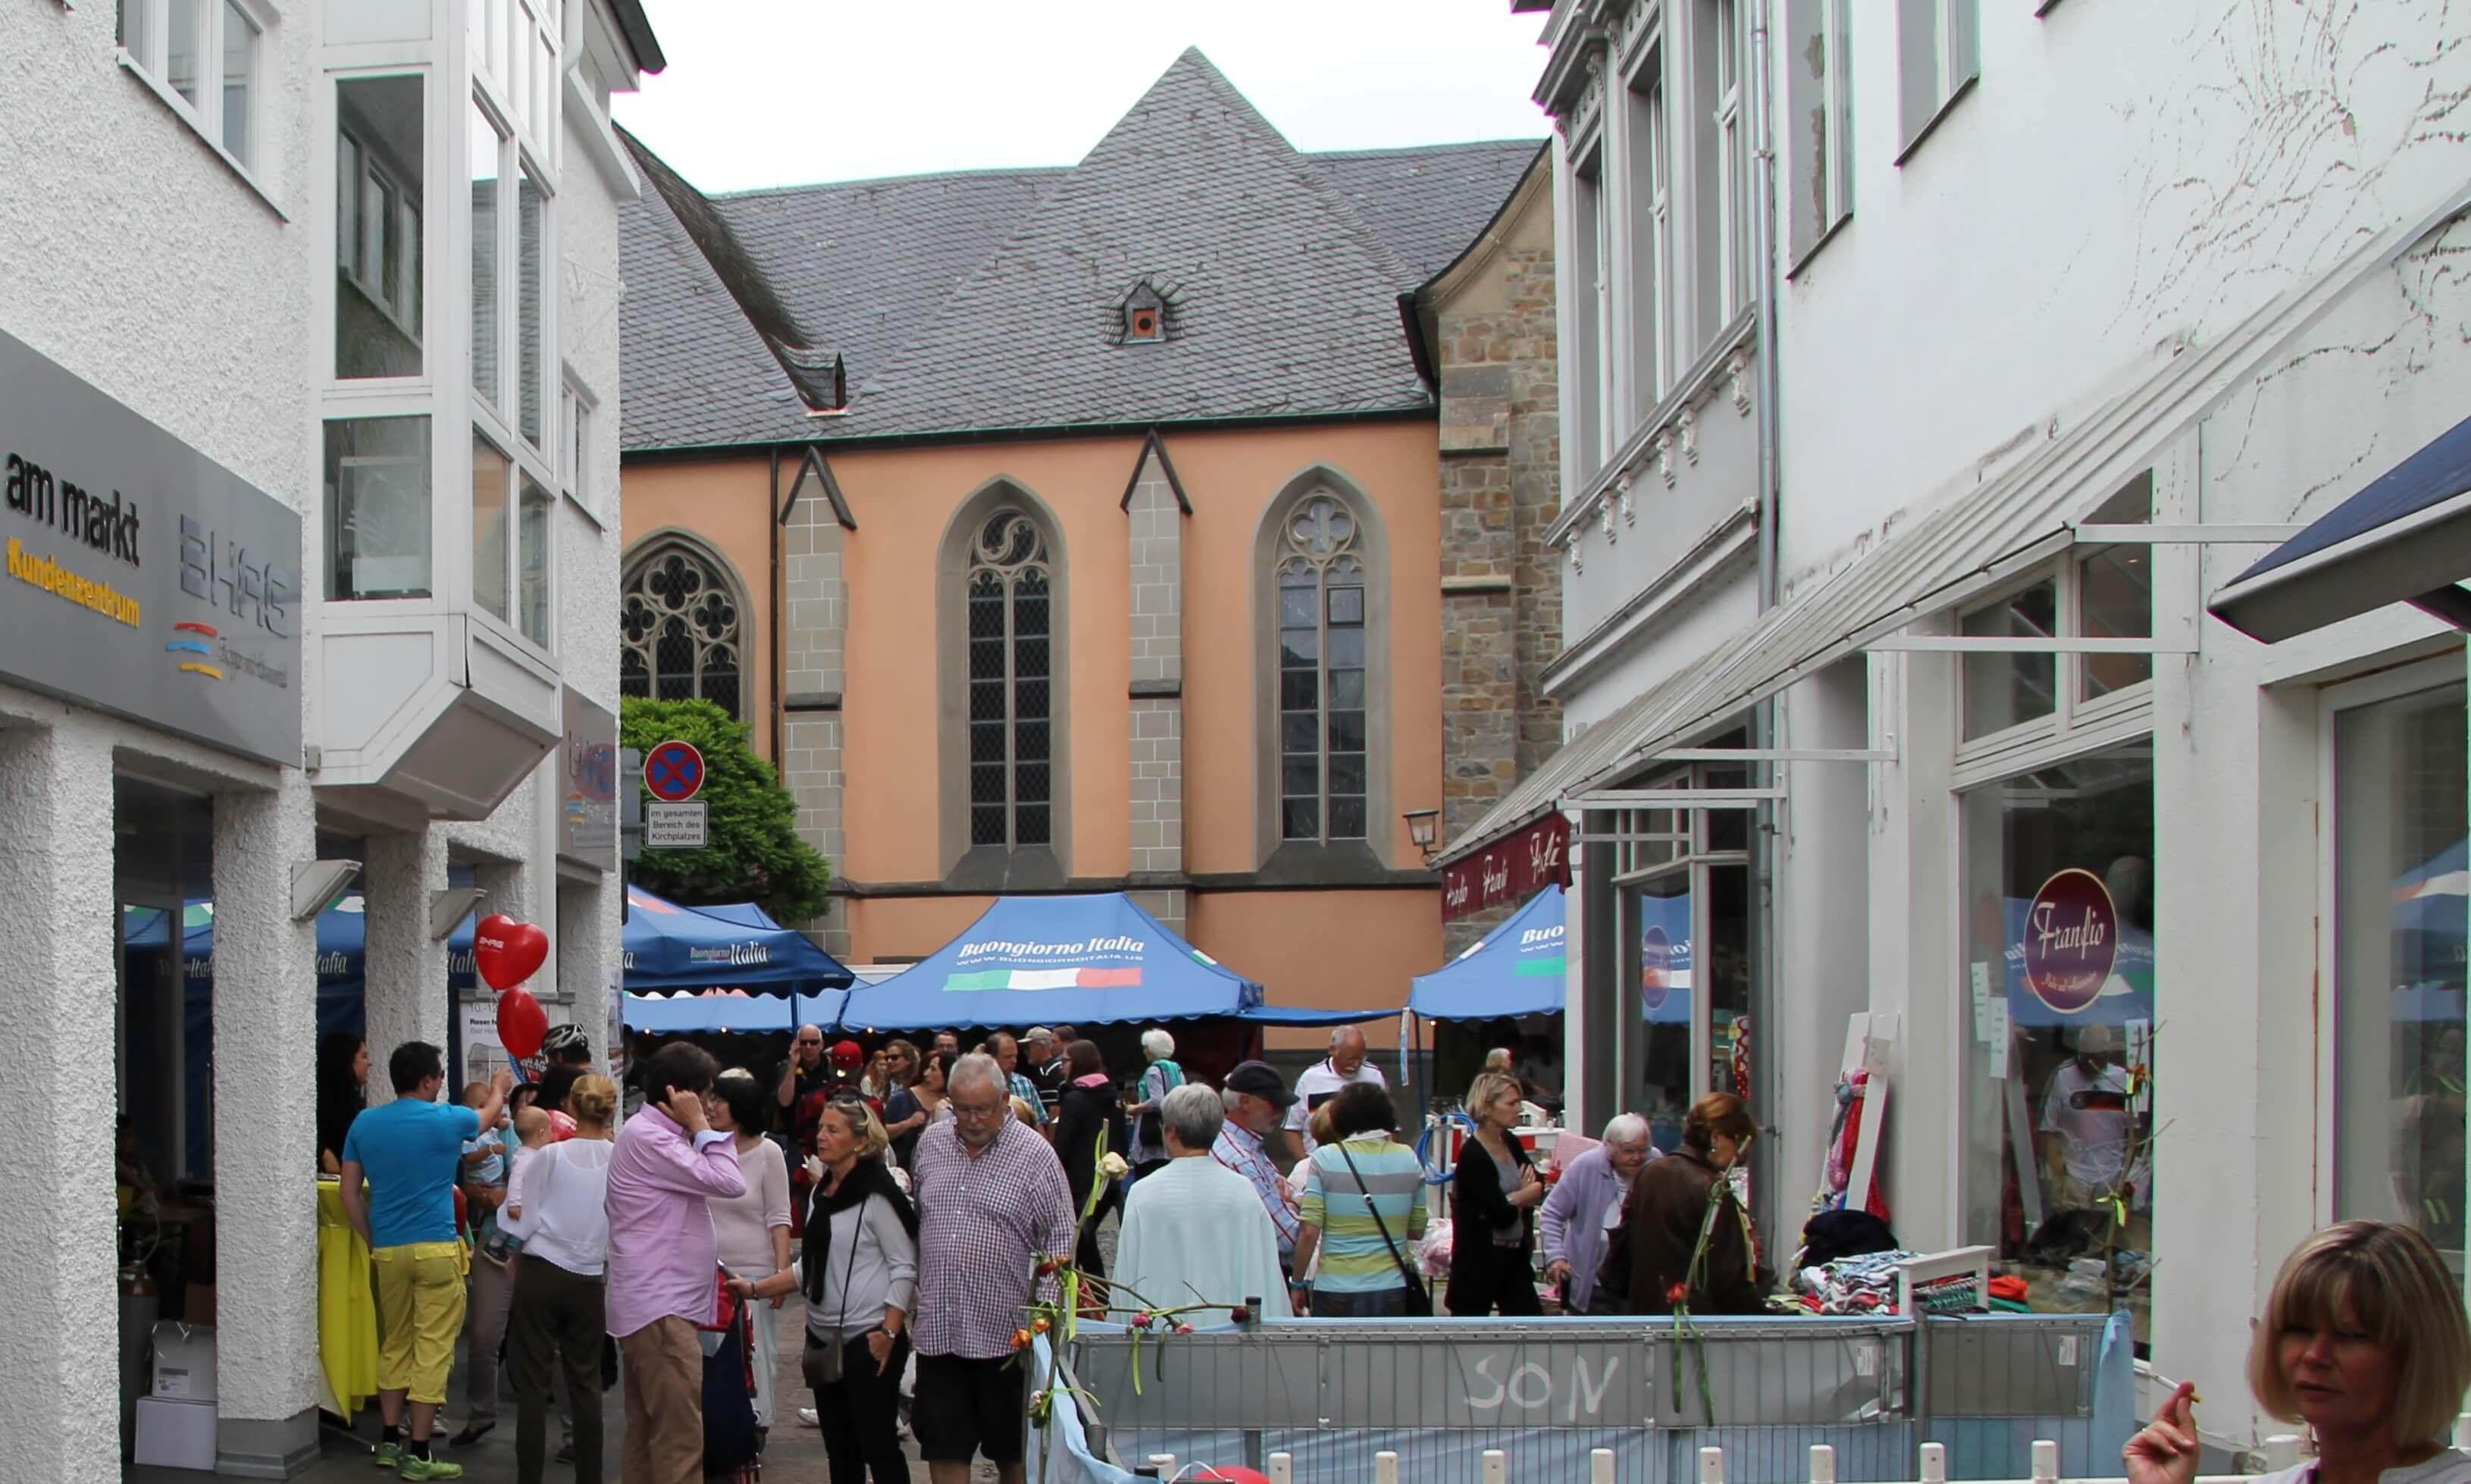 """Rosenfest in Bad Honnef """"La ville en rose"""" vom 9. bis 11. Juni 2017"""